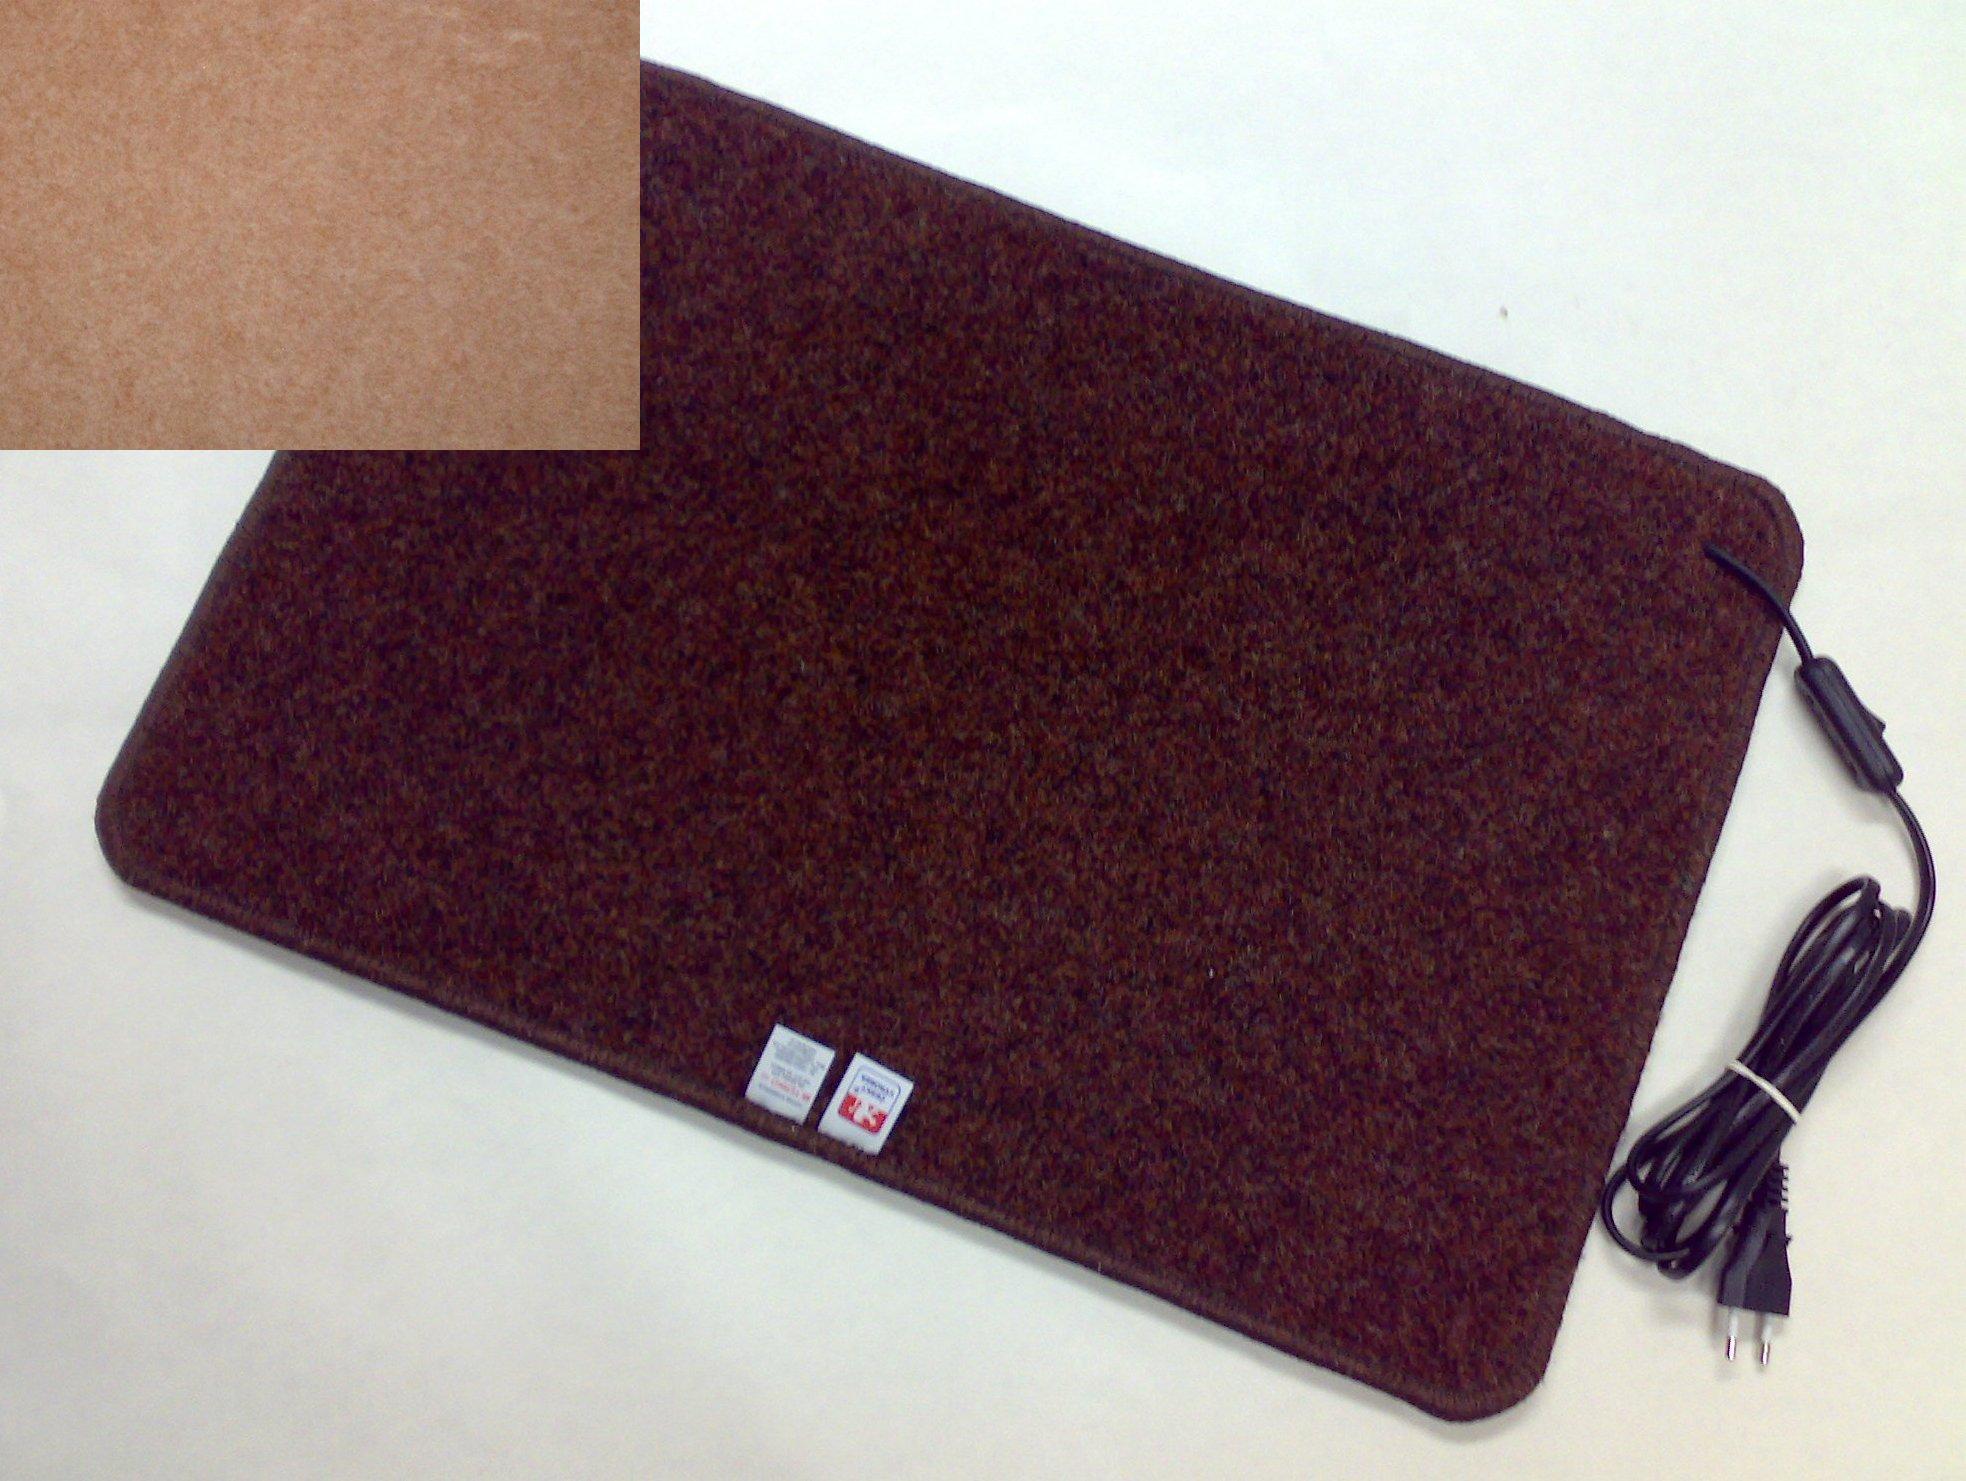 Topný koberec 60 x 90cm / 100W Barva: Béžový S70